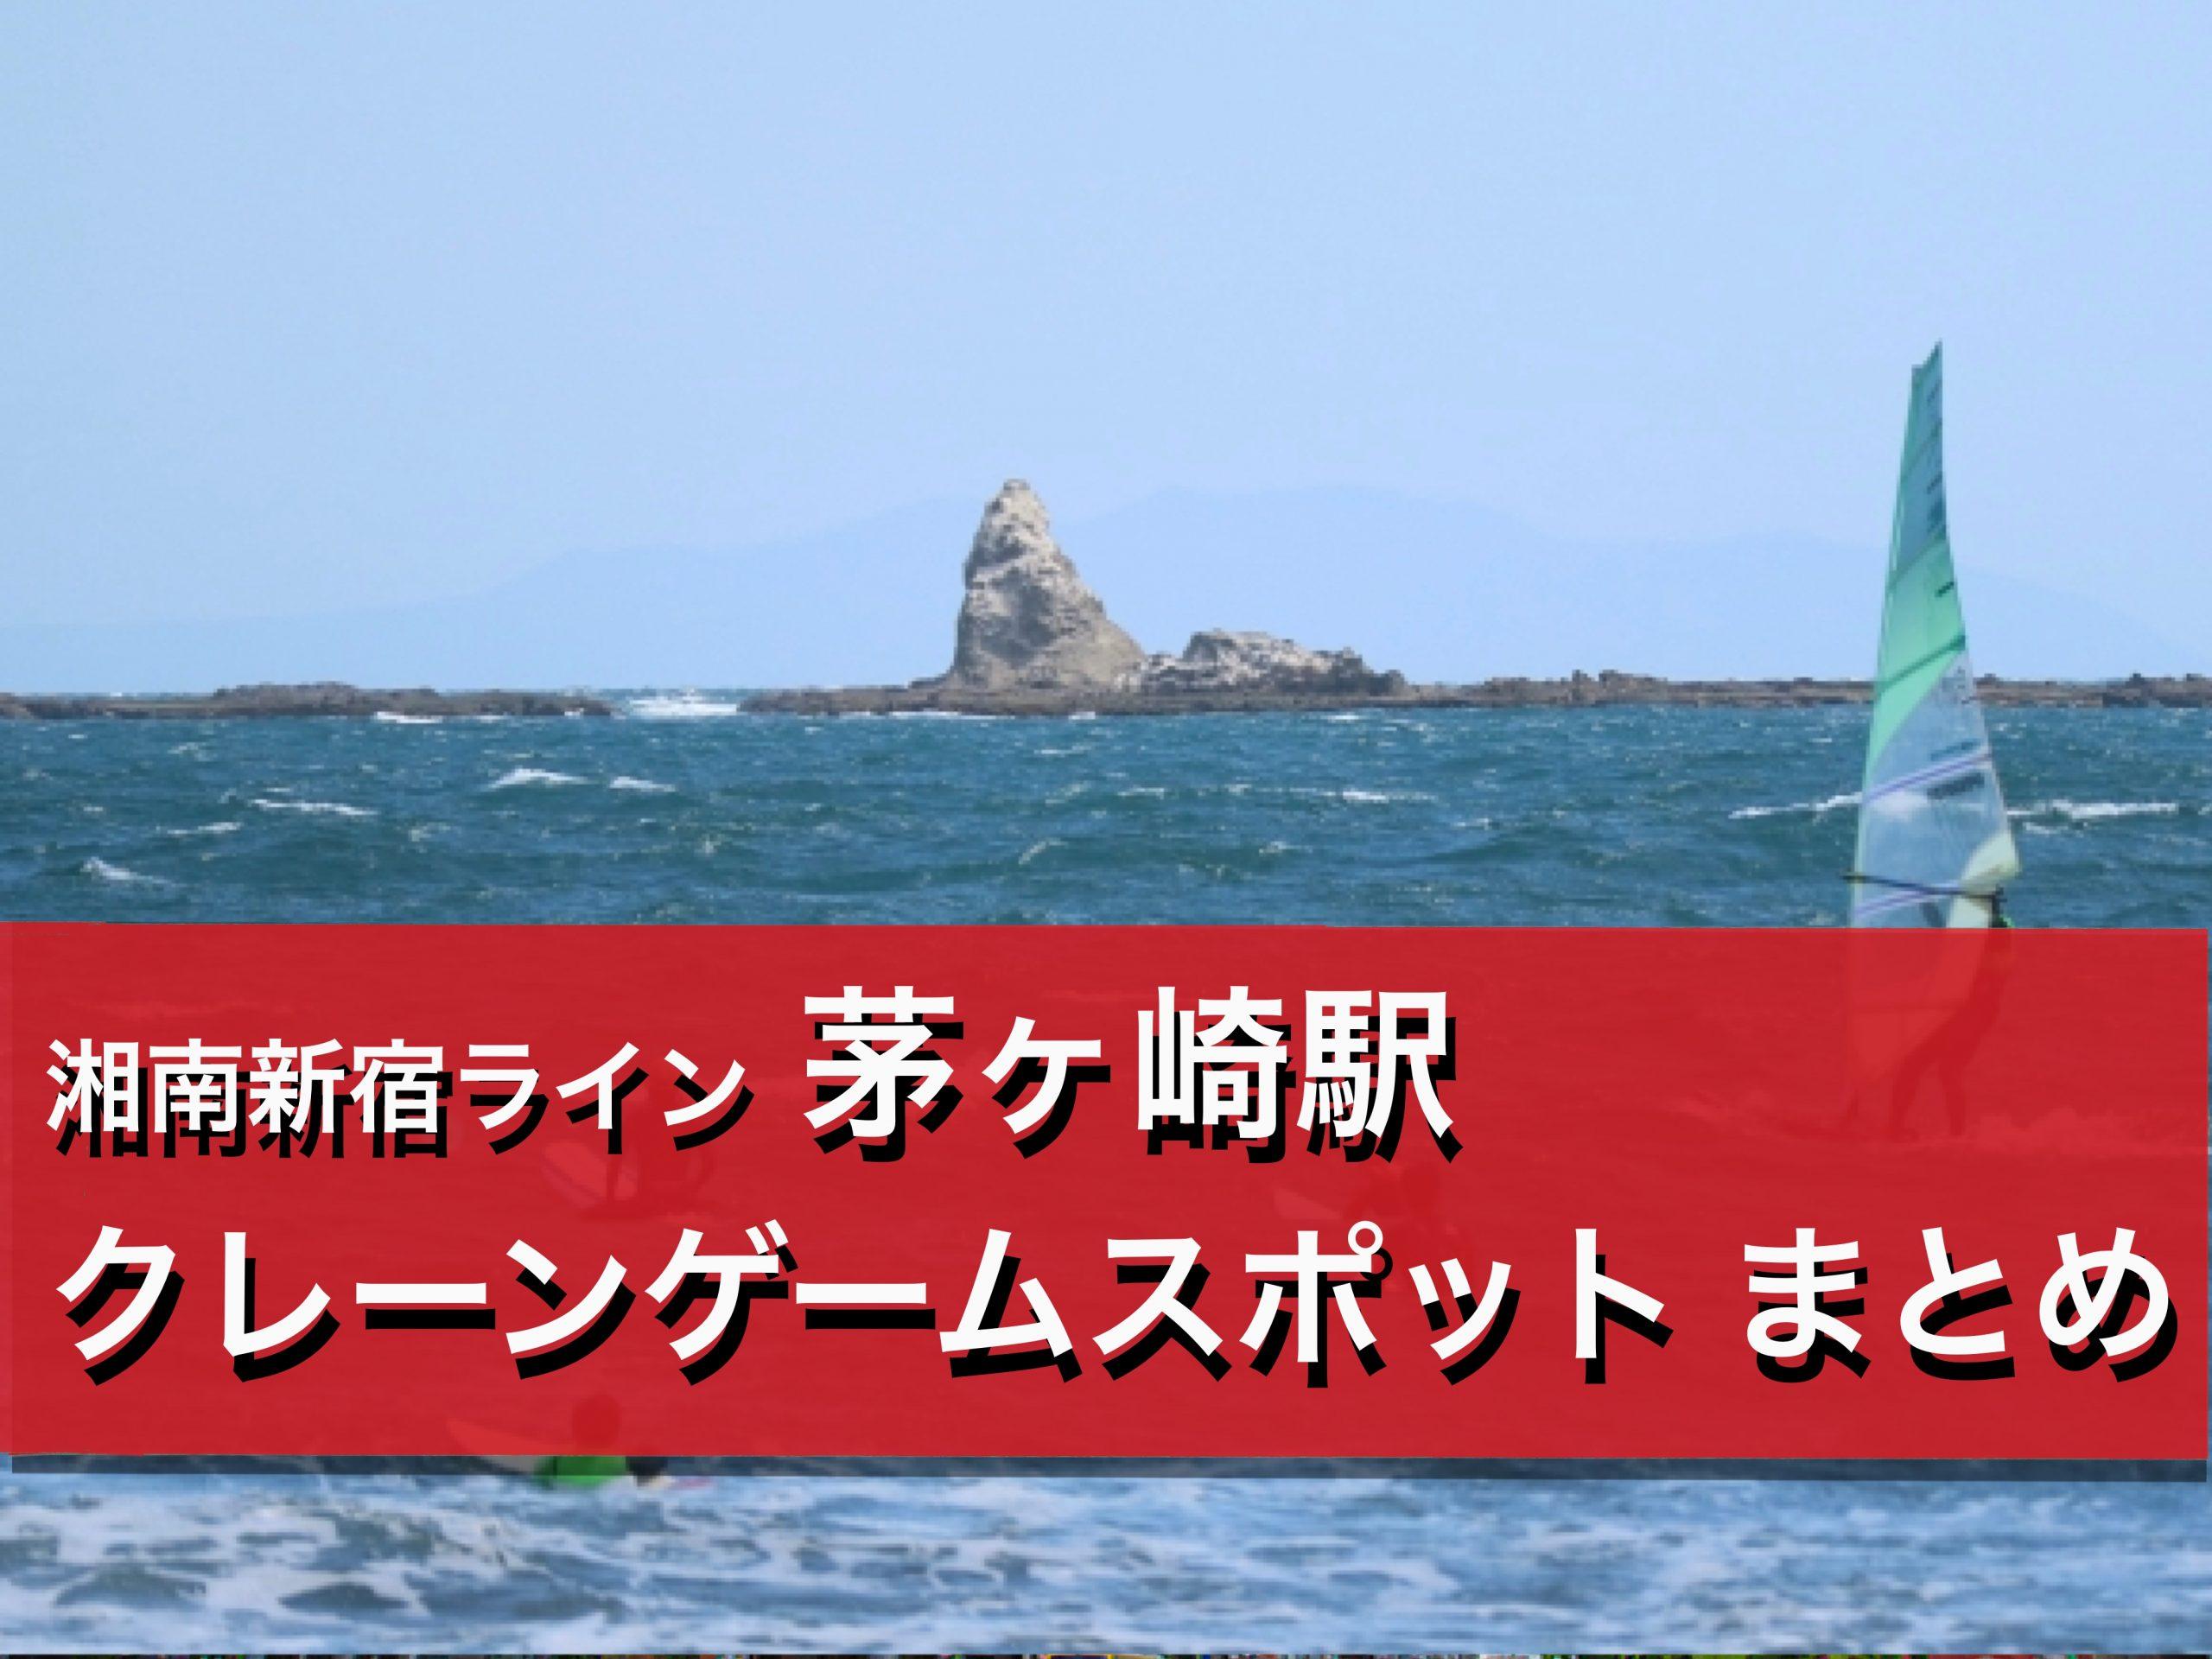 【茅ヶ崎駅】クレーンゲームができる場所